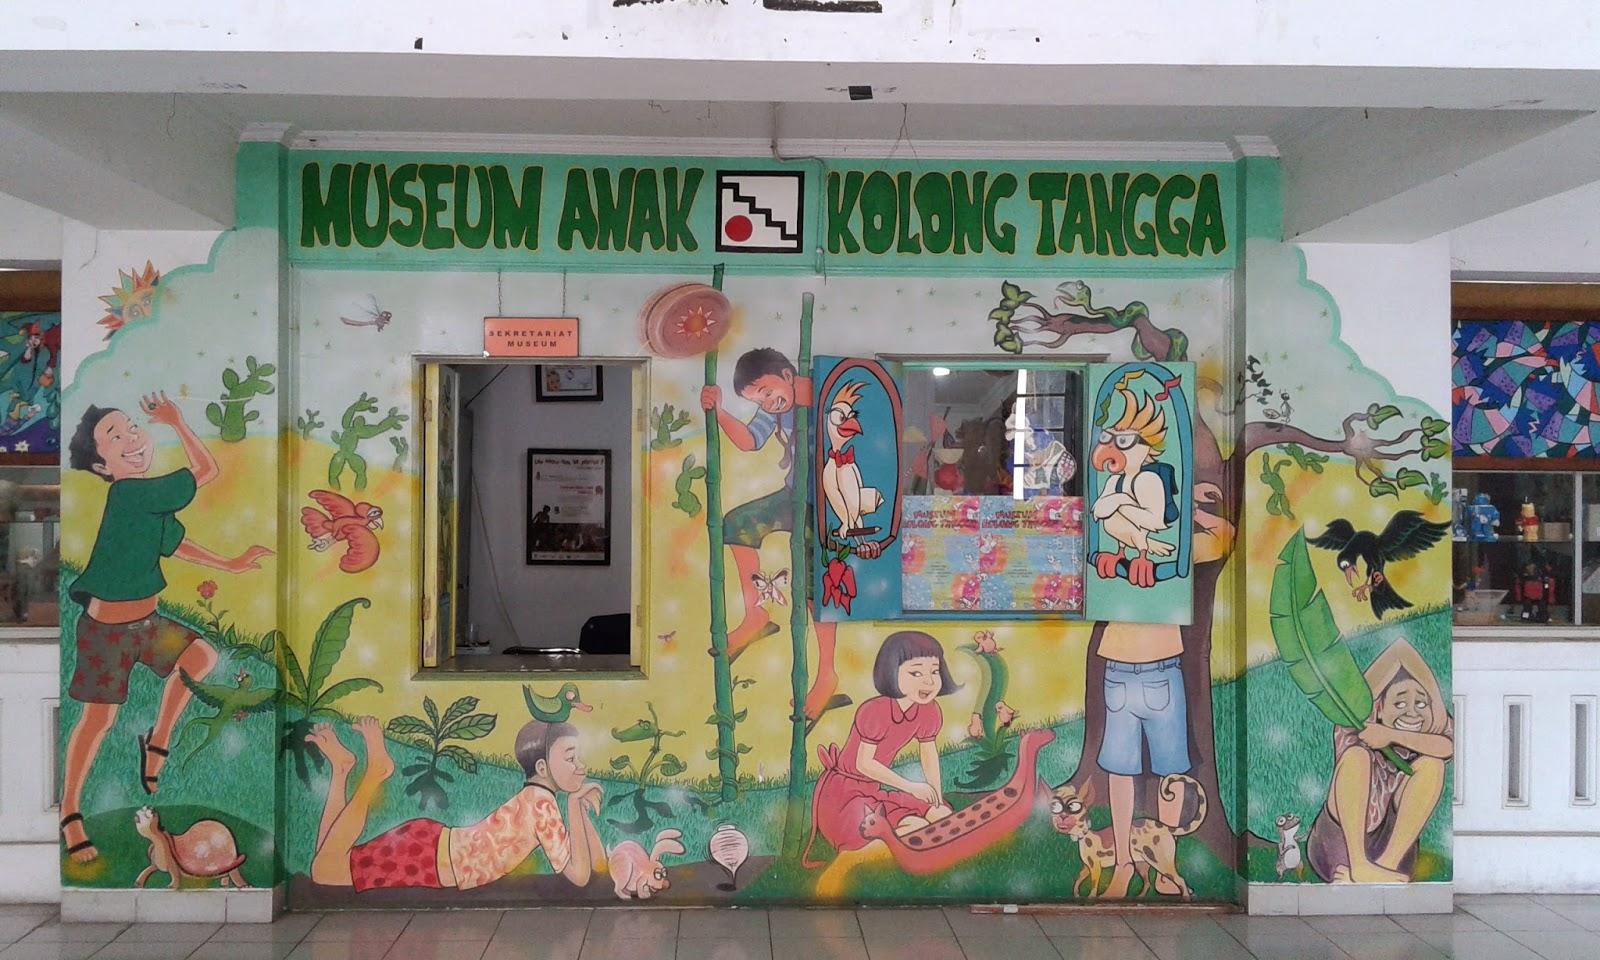 Yuk Nostalgia Museum Anak Kolong Tangga Swaragama 101 7 Fm